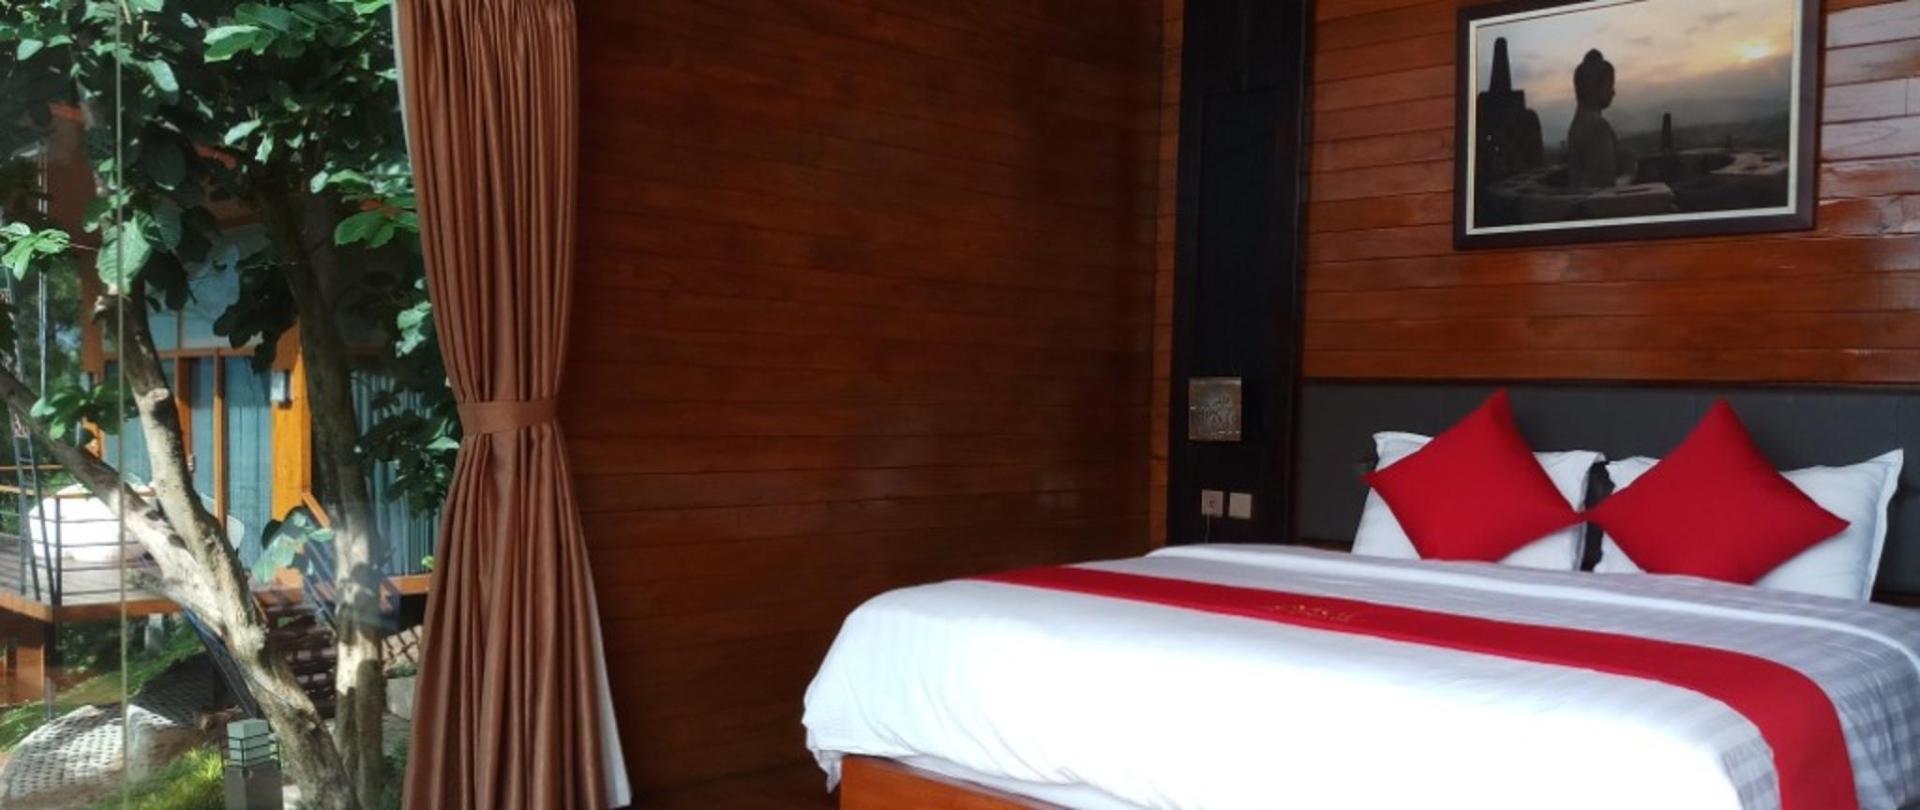 Dagi Abhinaya room.jpg